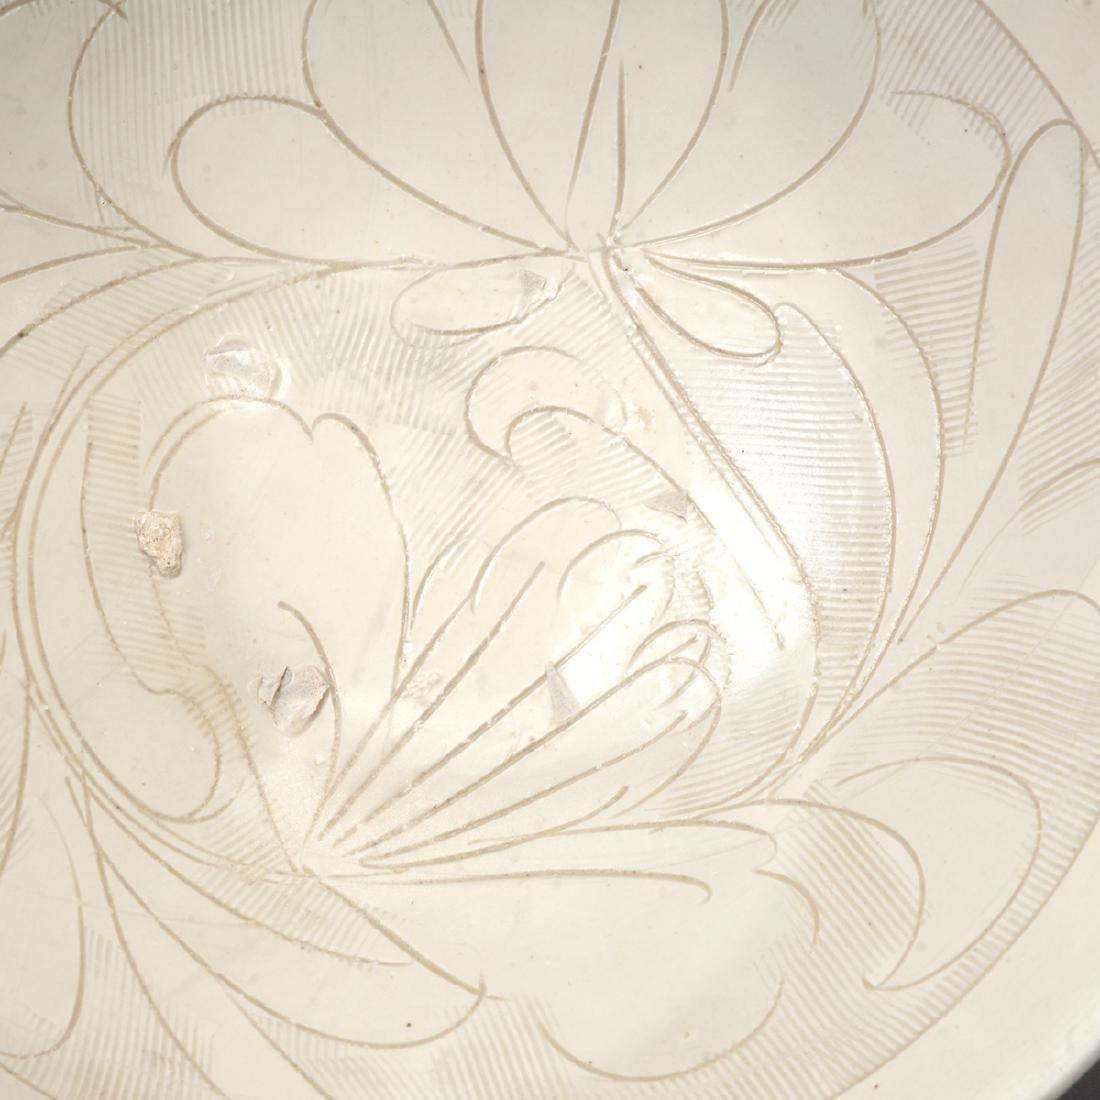 Three Glazed Ceramic Deep Bowls, Song Dynasty - 9